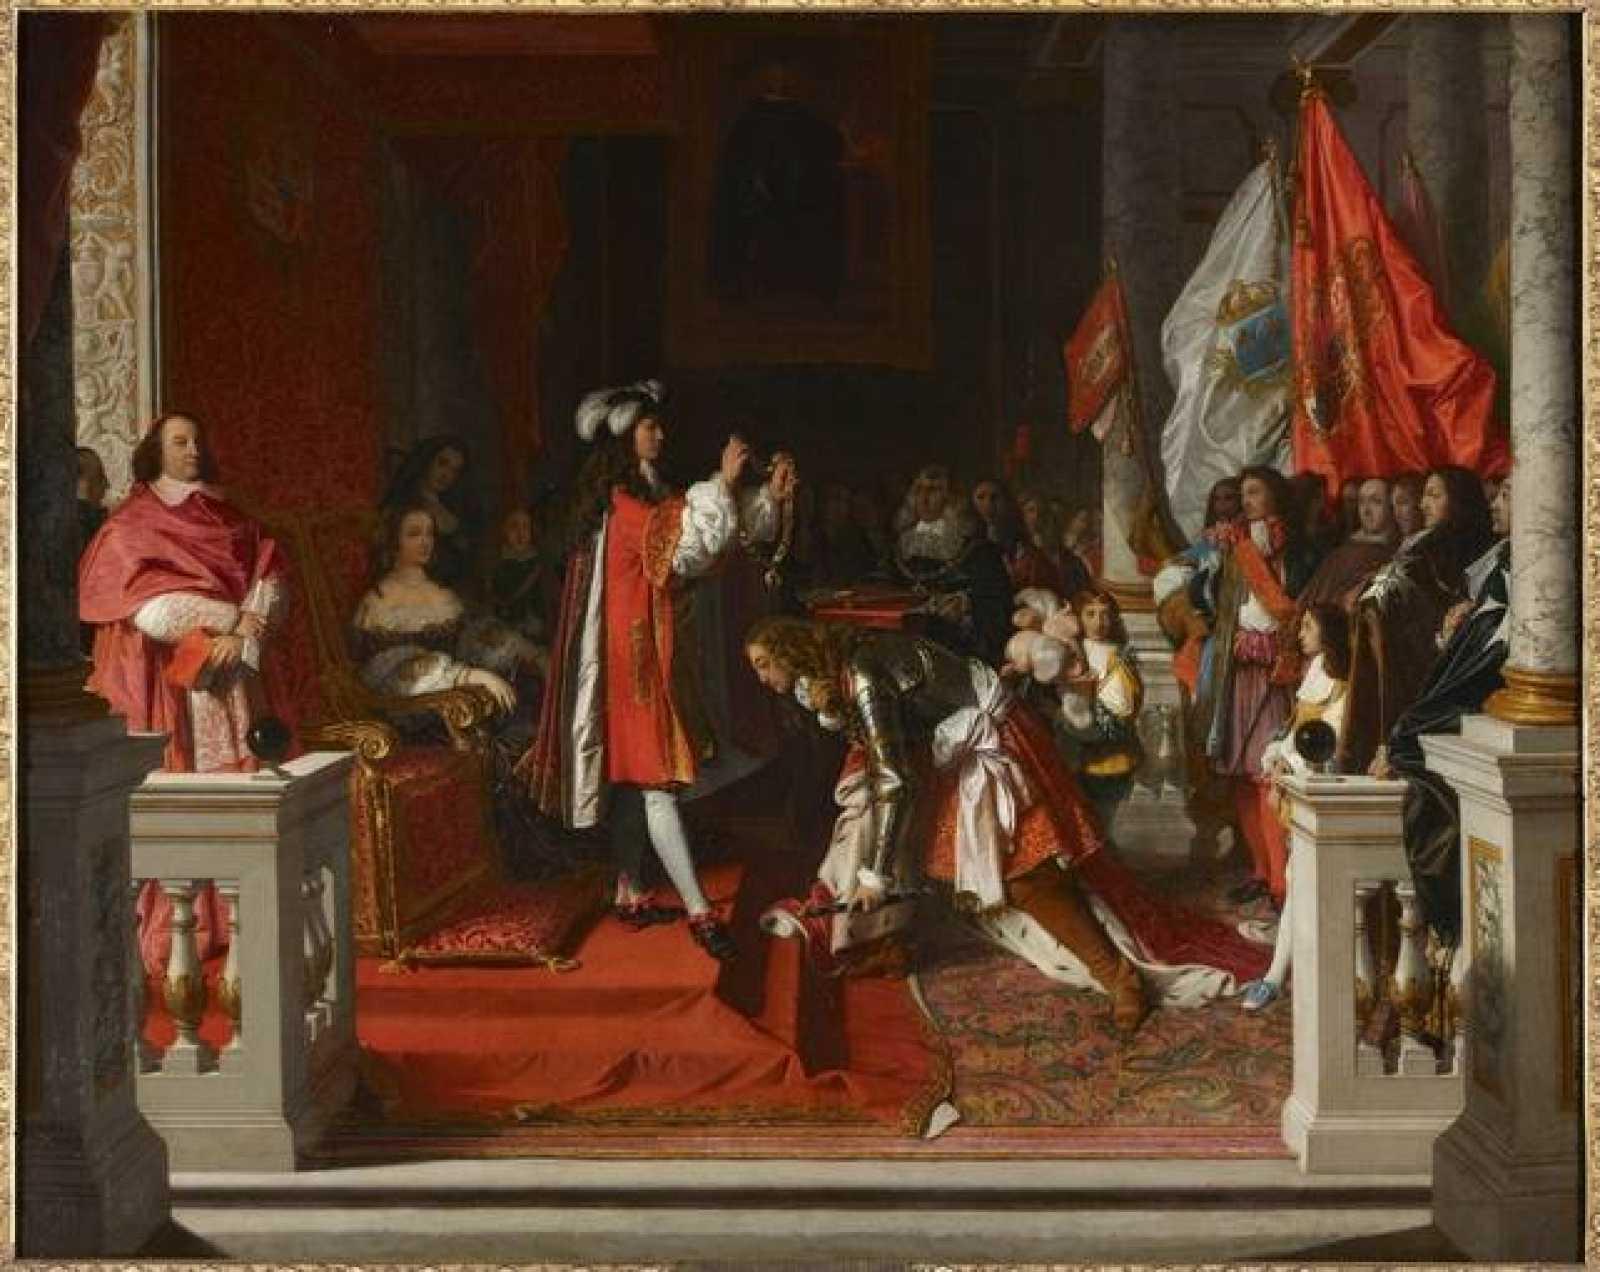 Felipe V impone el Toisón de oro al Duque de Berwick. Jean Auguste Dominique Ingres. 1818. Óleo sobre tela. Fundación Casa de Alba